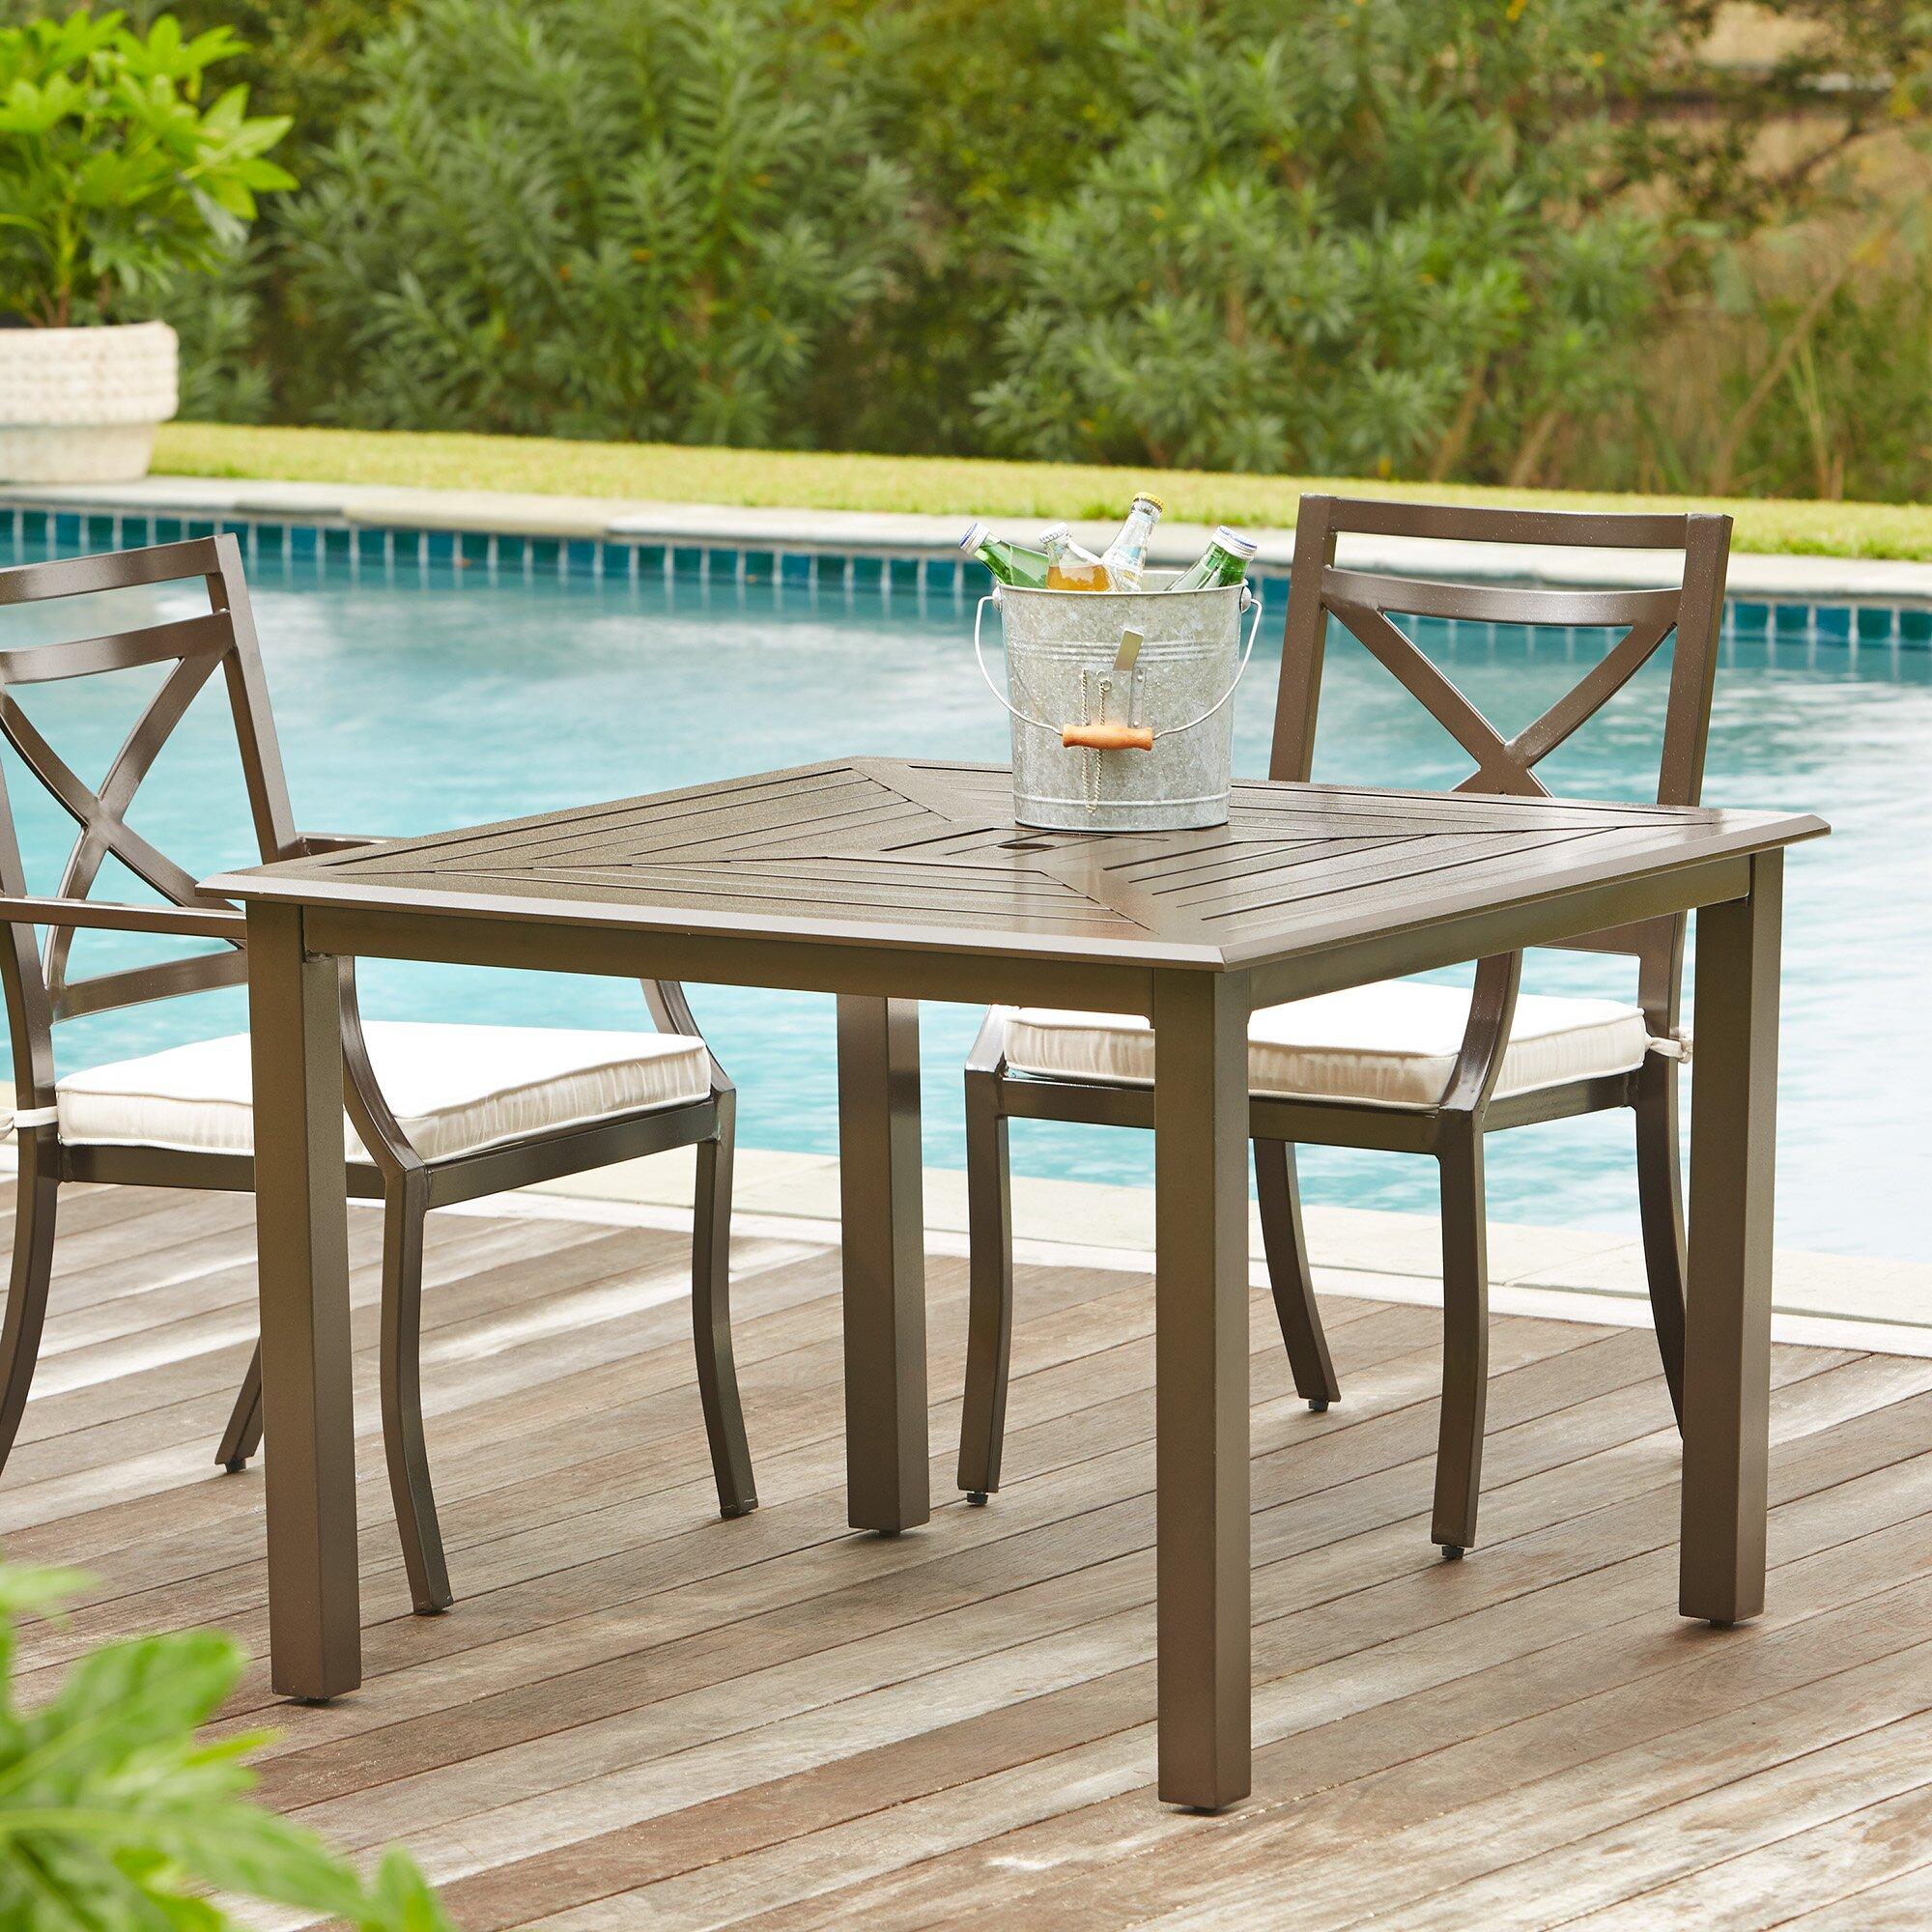 Birch lane endicott square dining table reviews wayfair for Dining room endicott